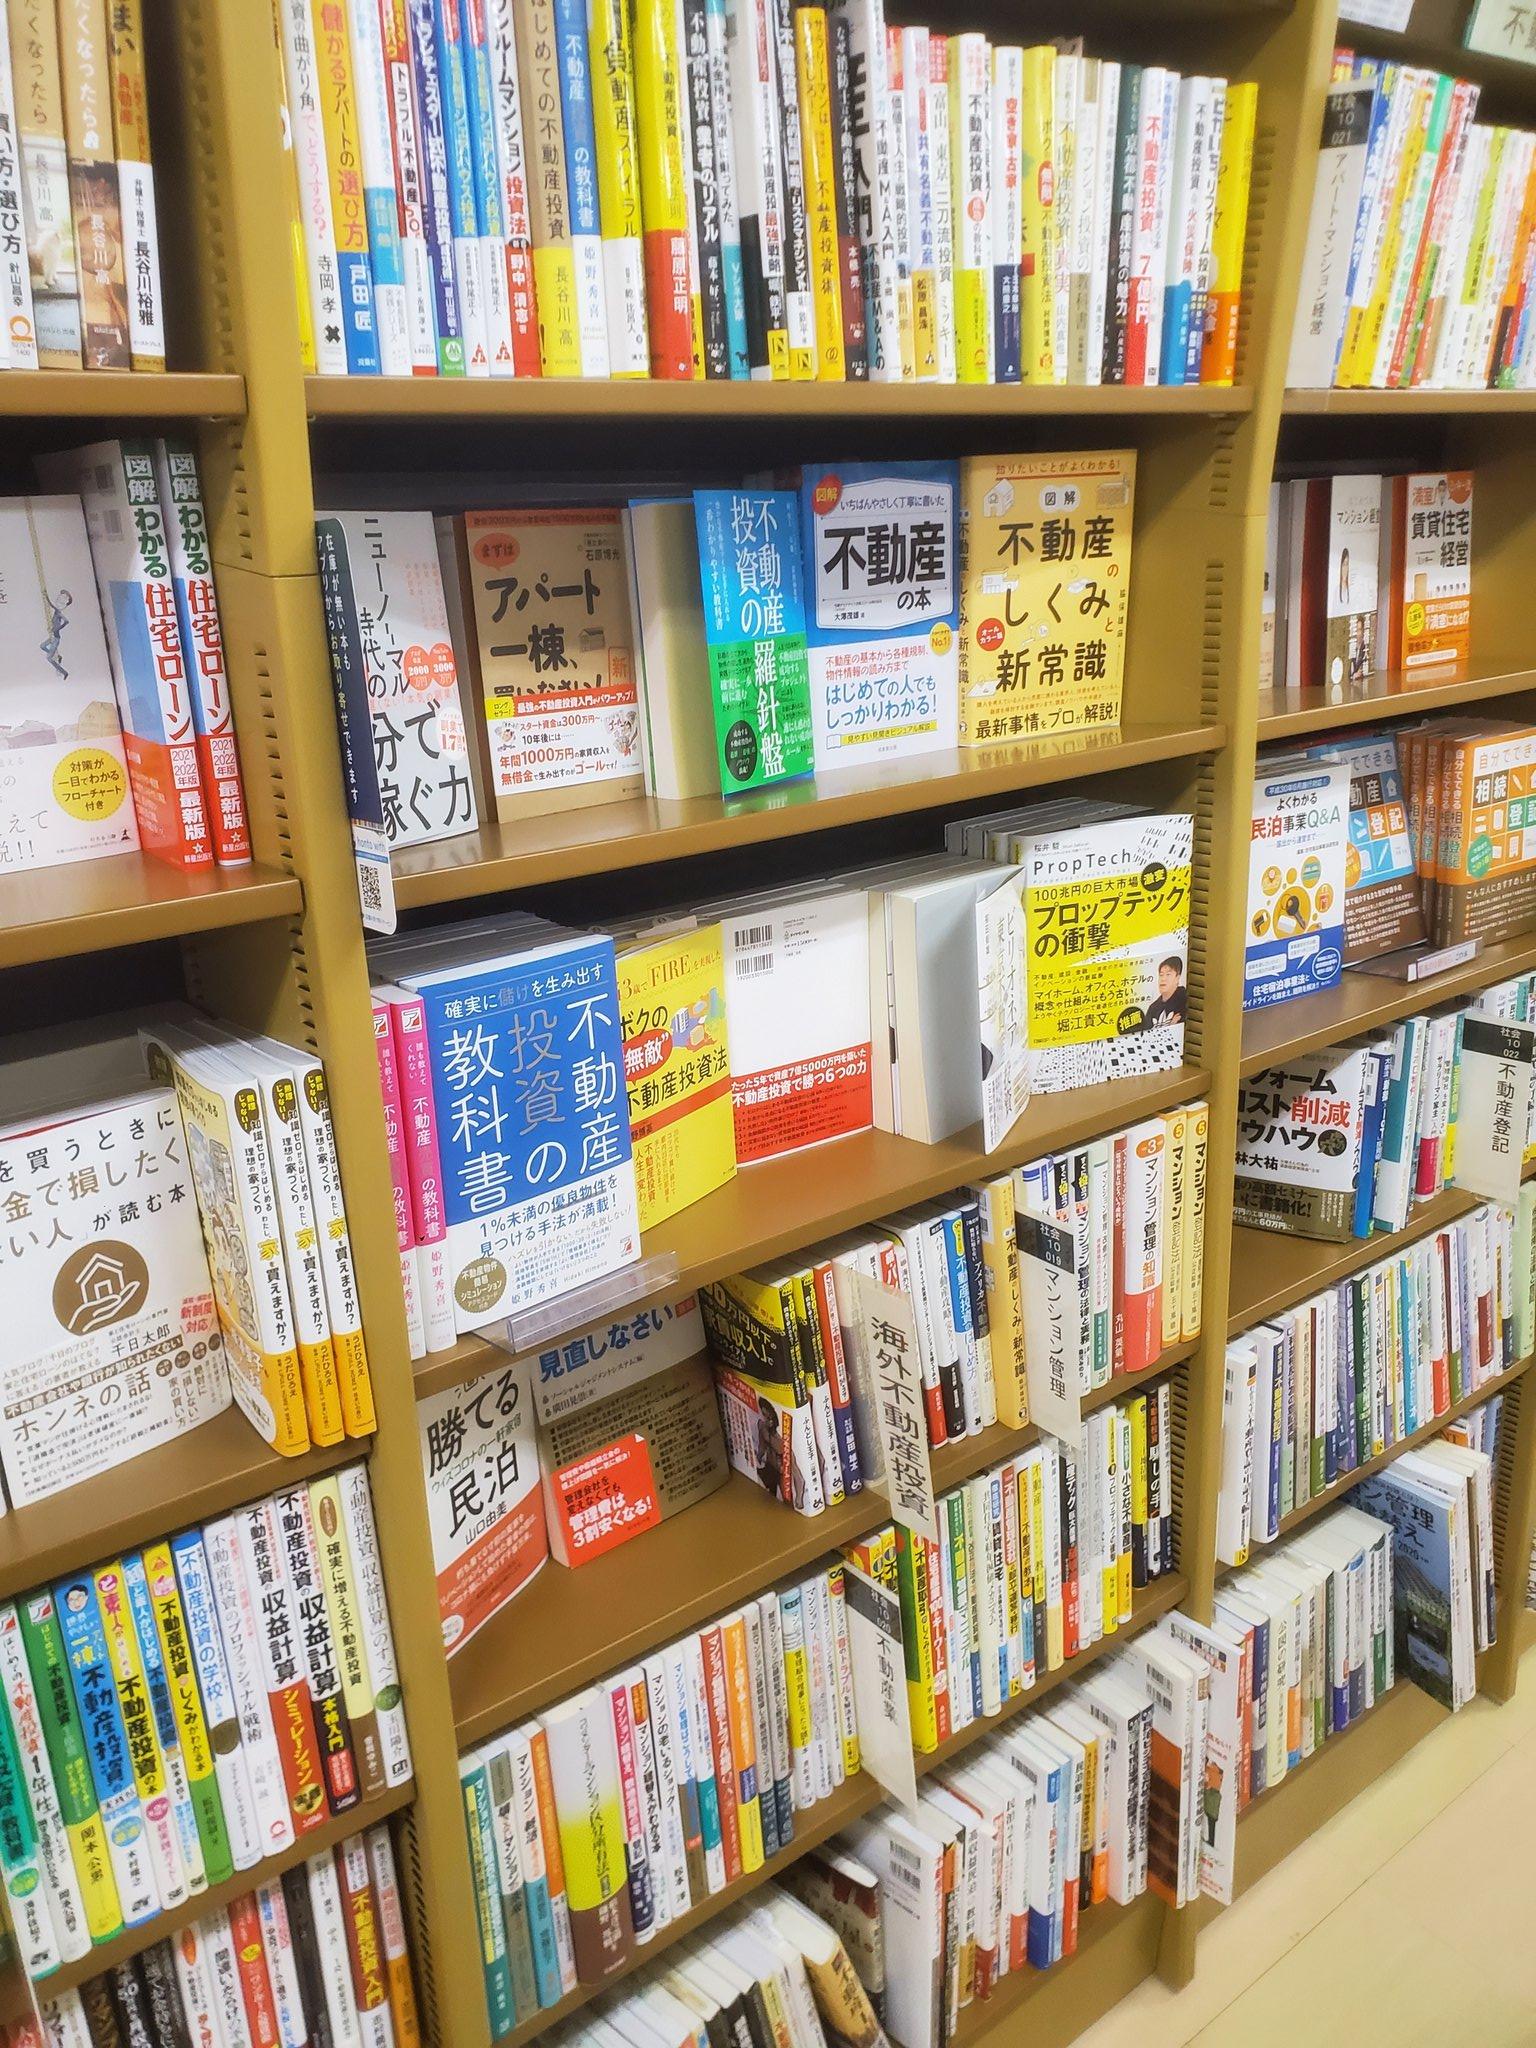 本屋の本棚